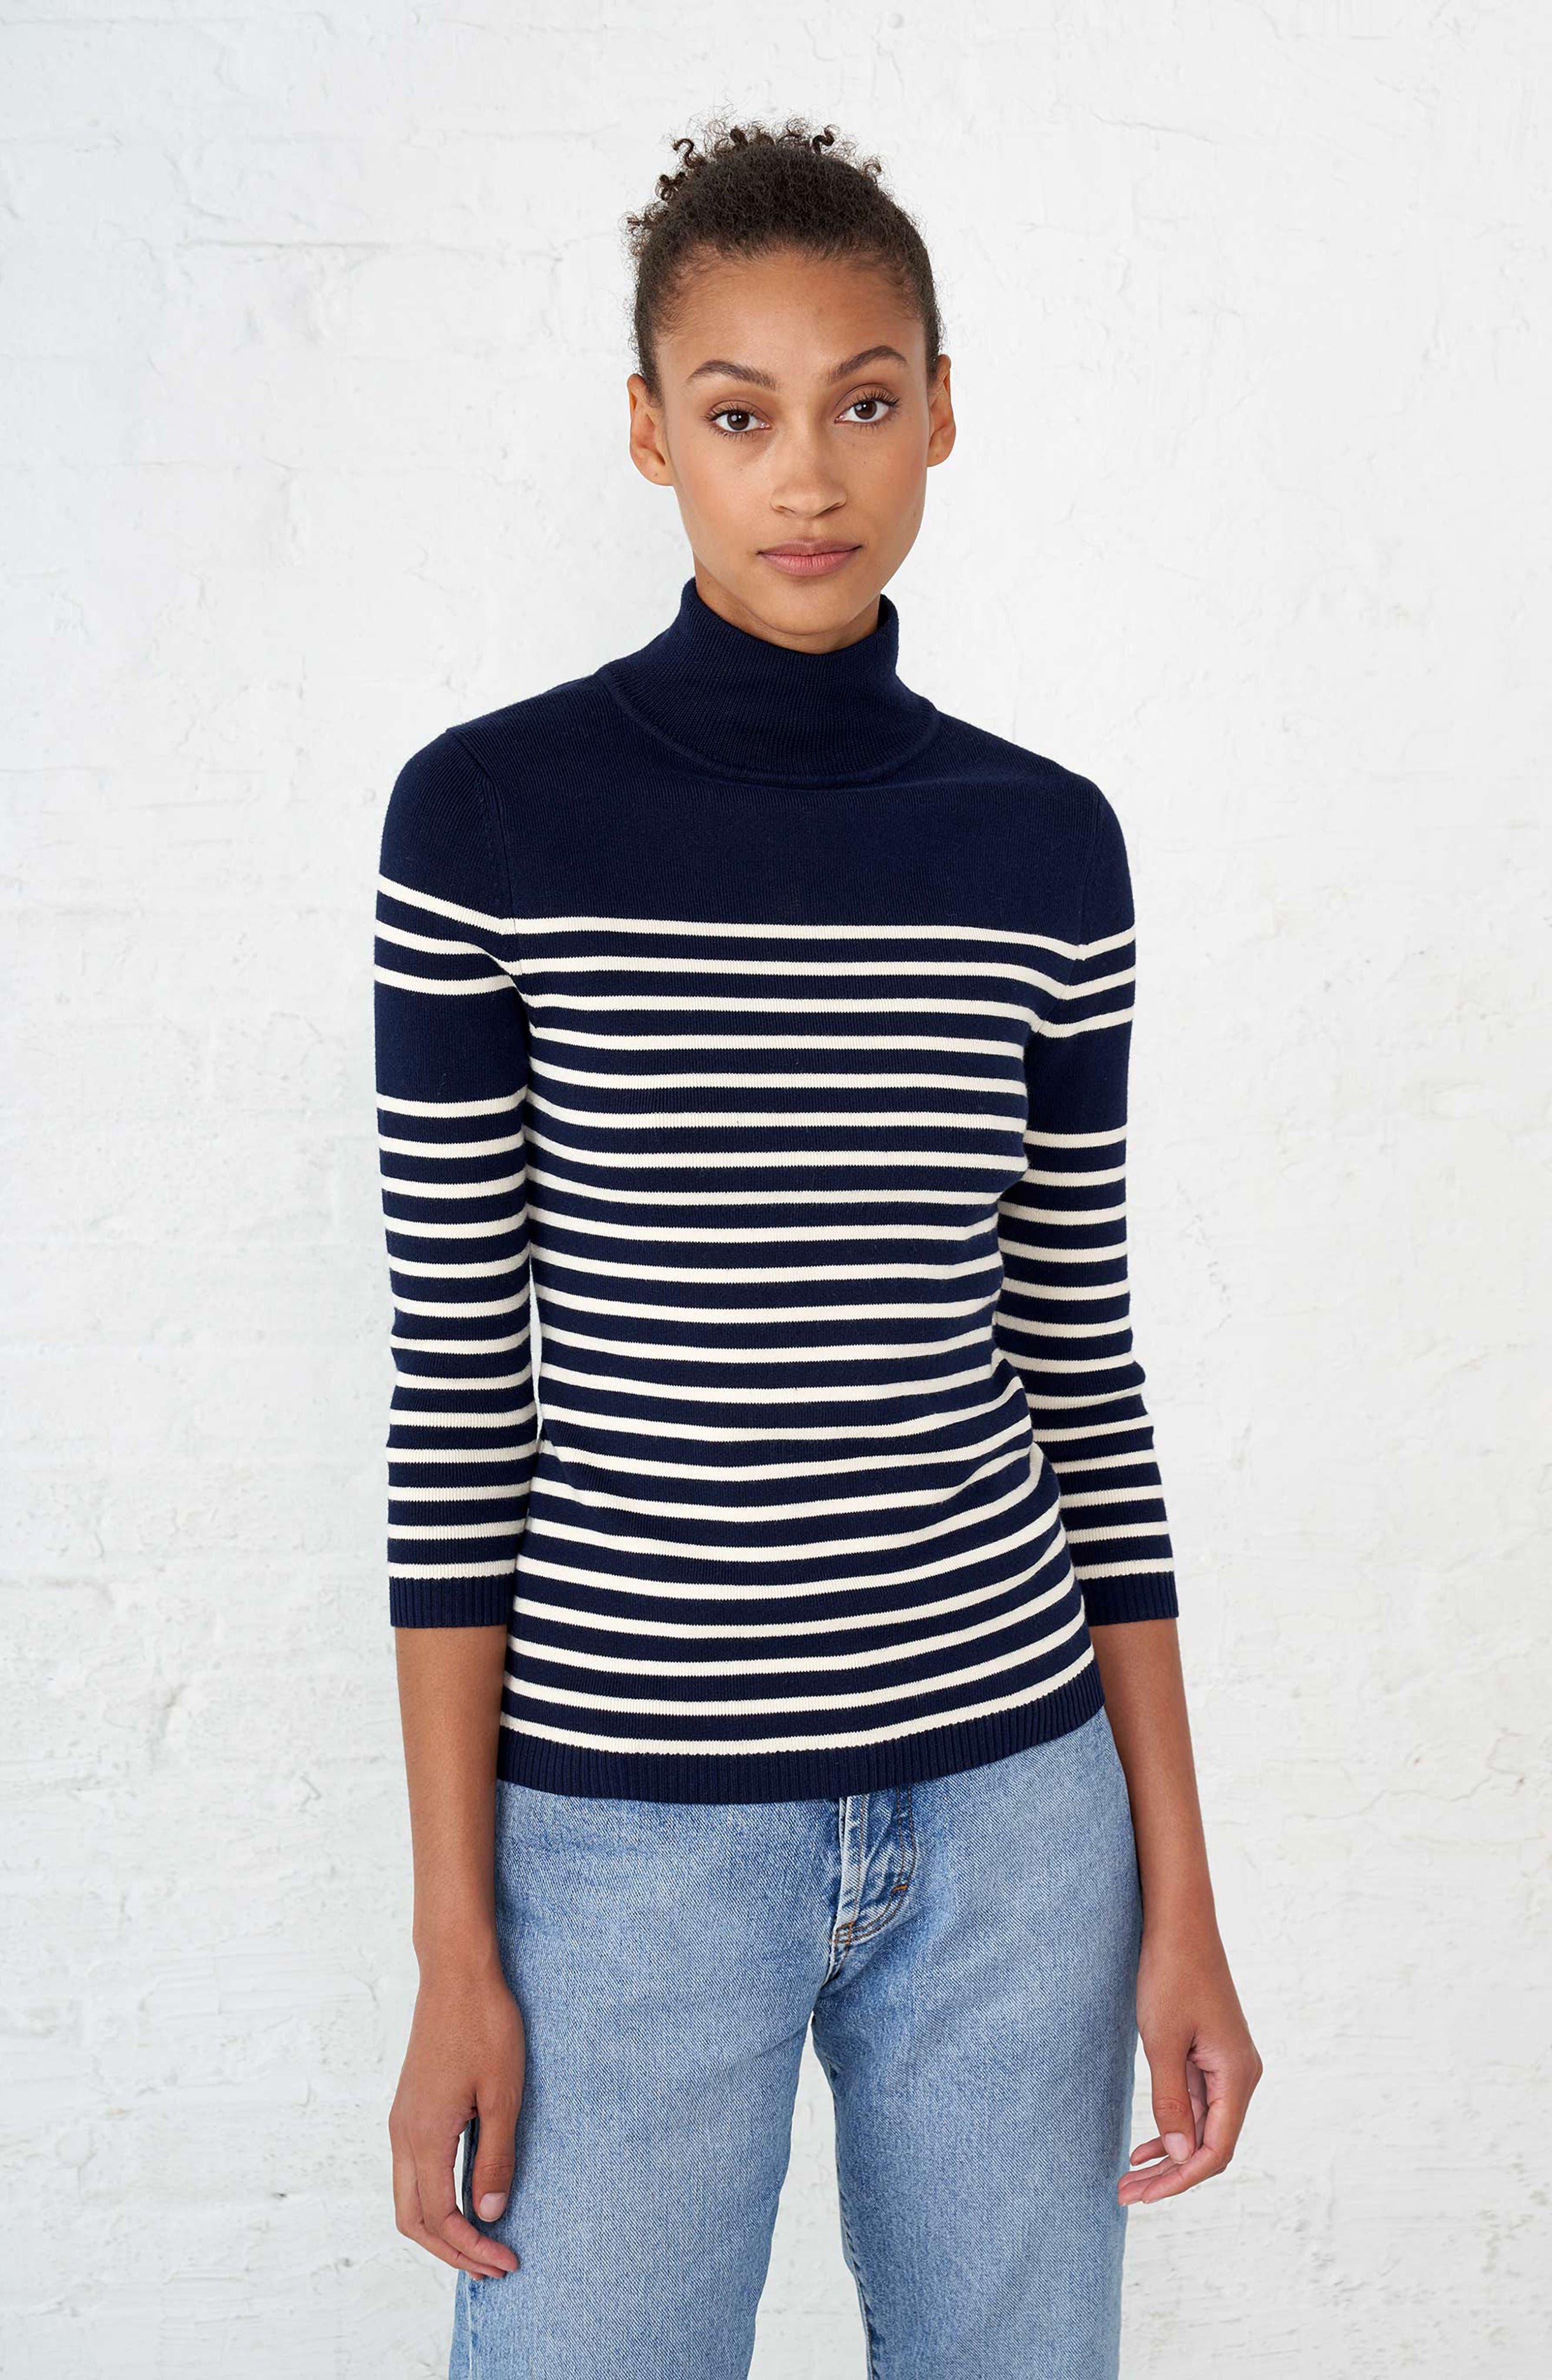 Classique Stripe Sweater,                             Alternate thumbnail 7, color,                             401